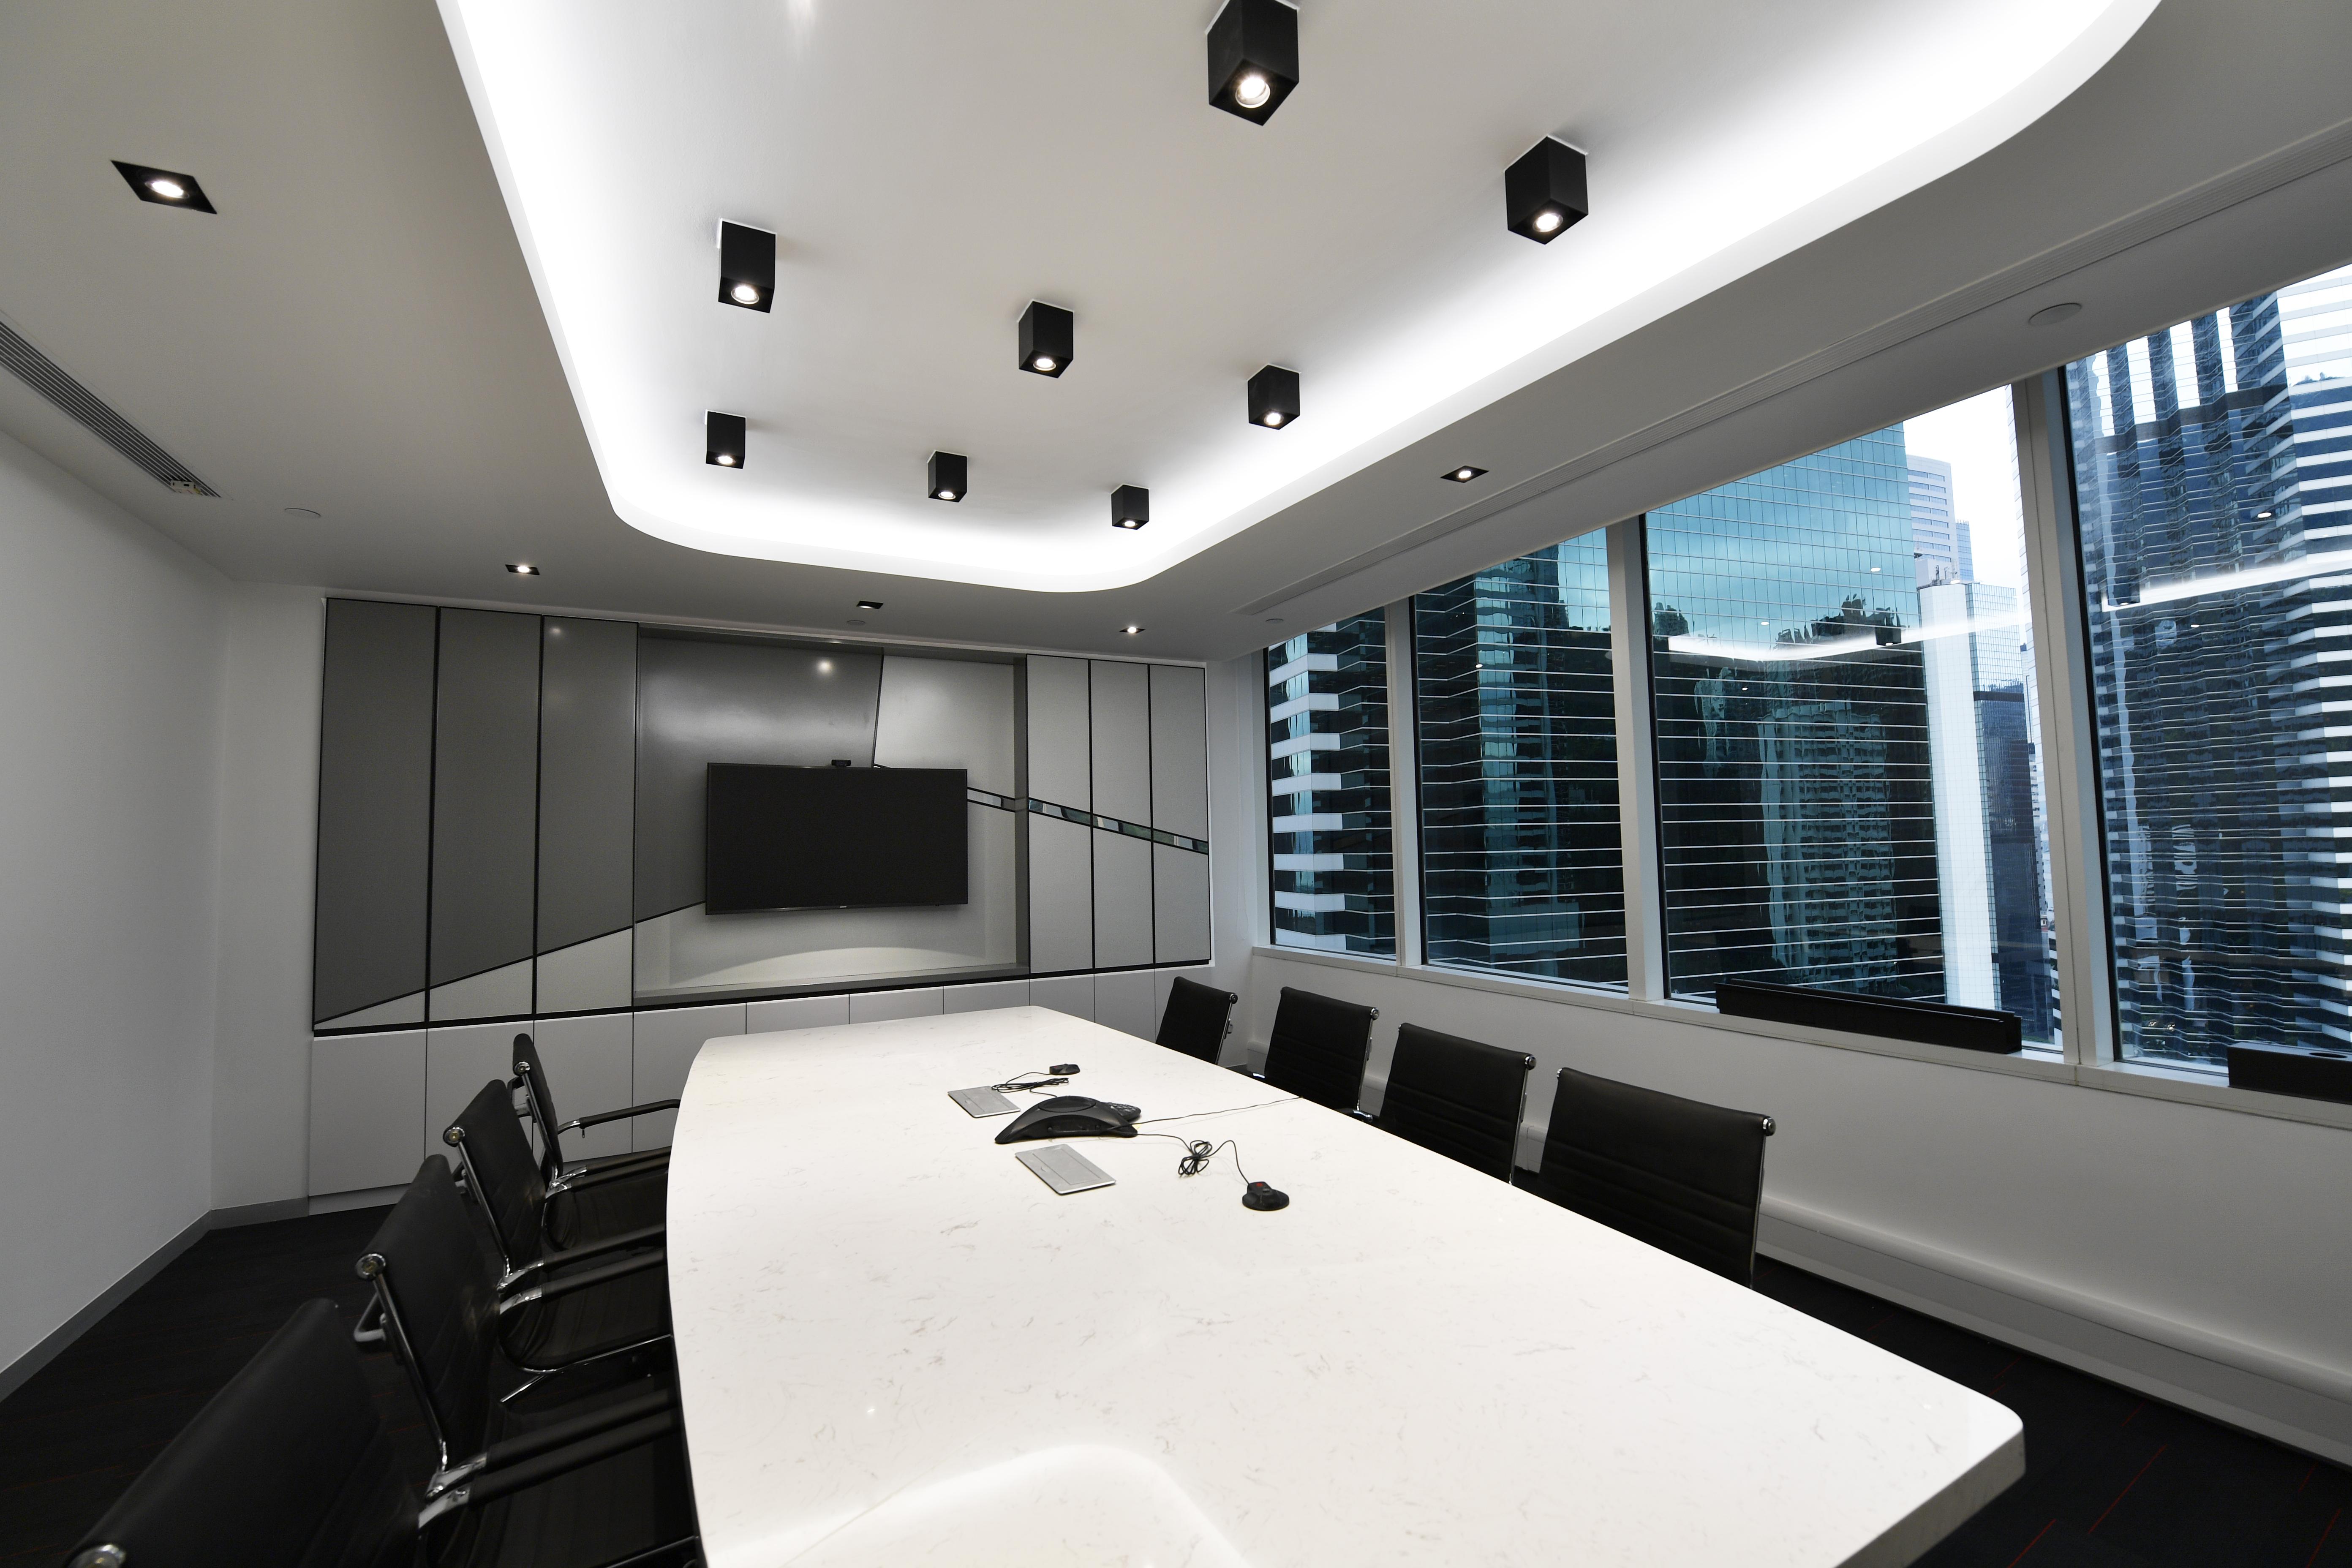 辦公室設計 Office Design hk中國寶豐(國際)有限公司